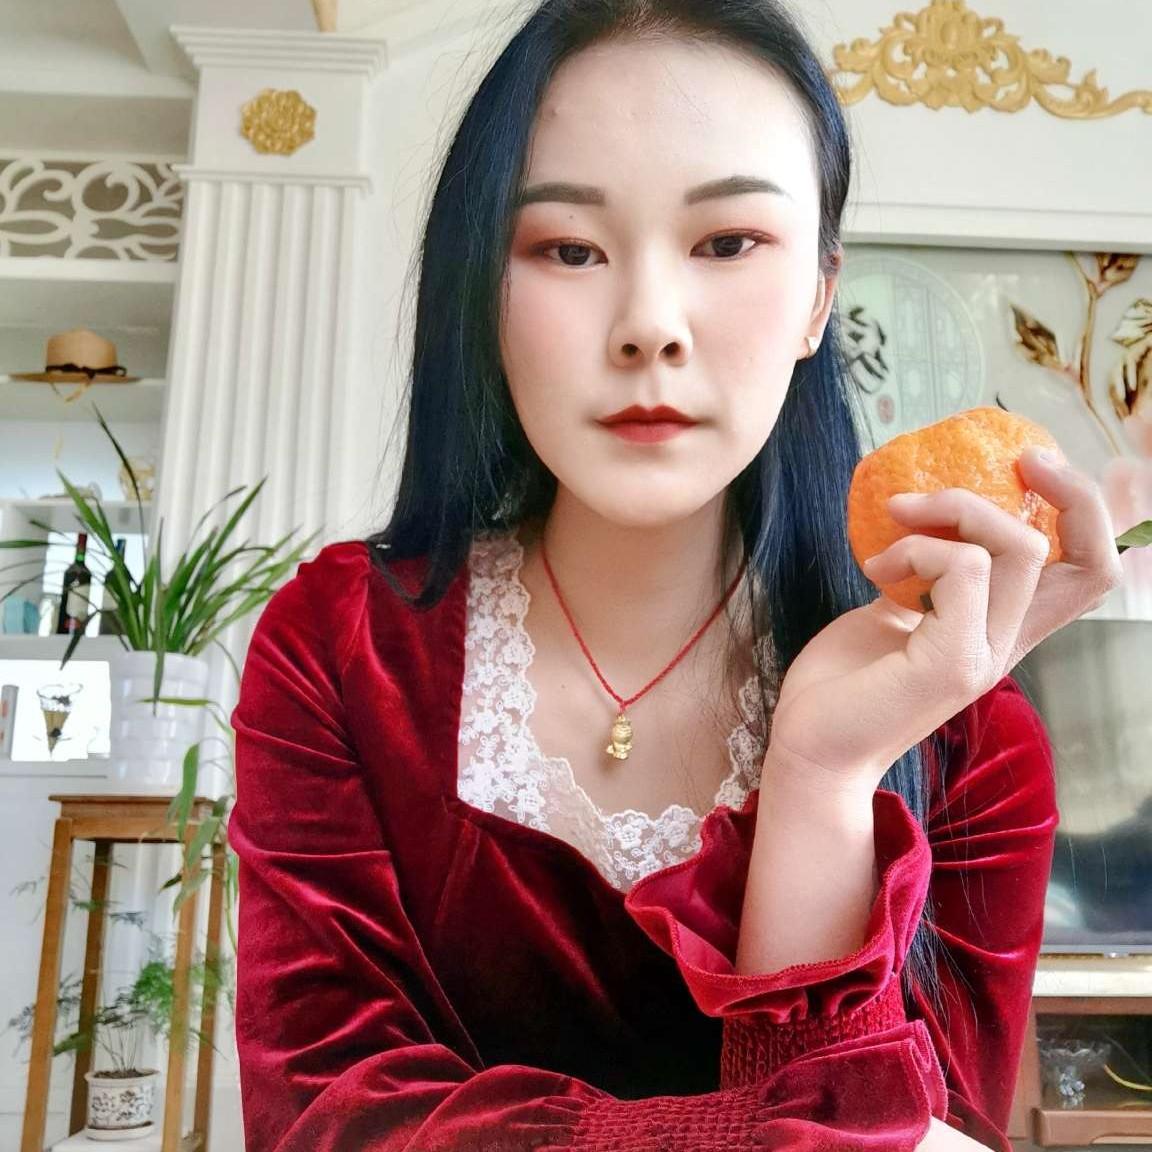 桔梗妹妹的照片